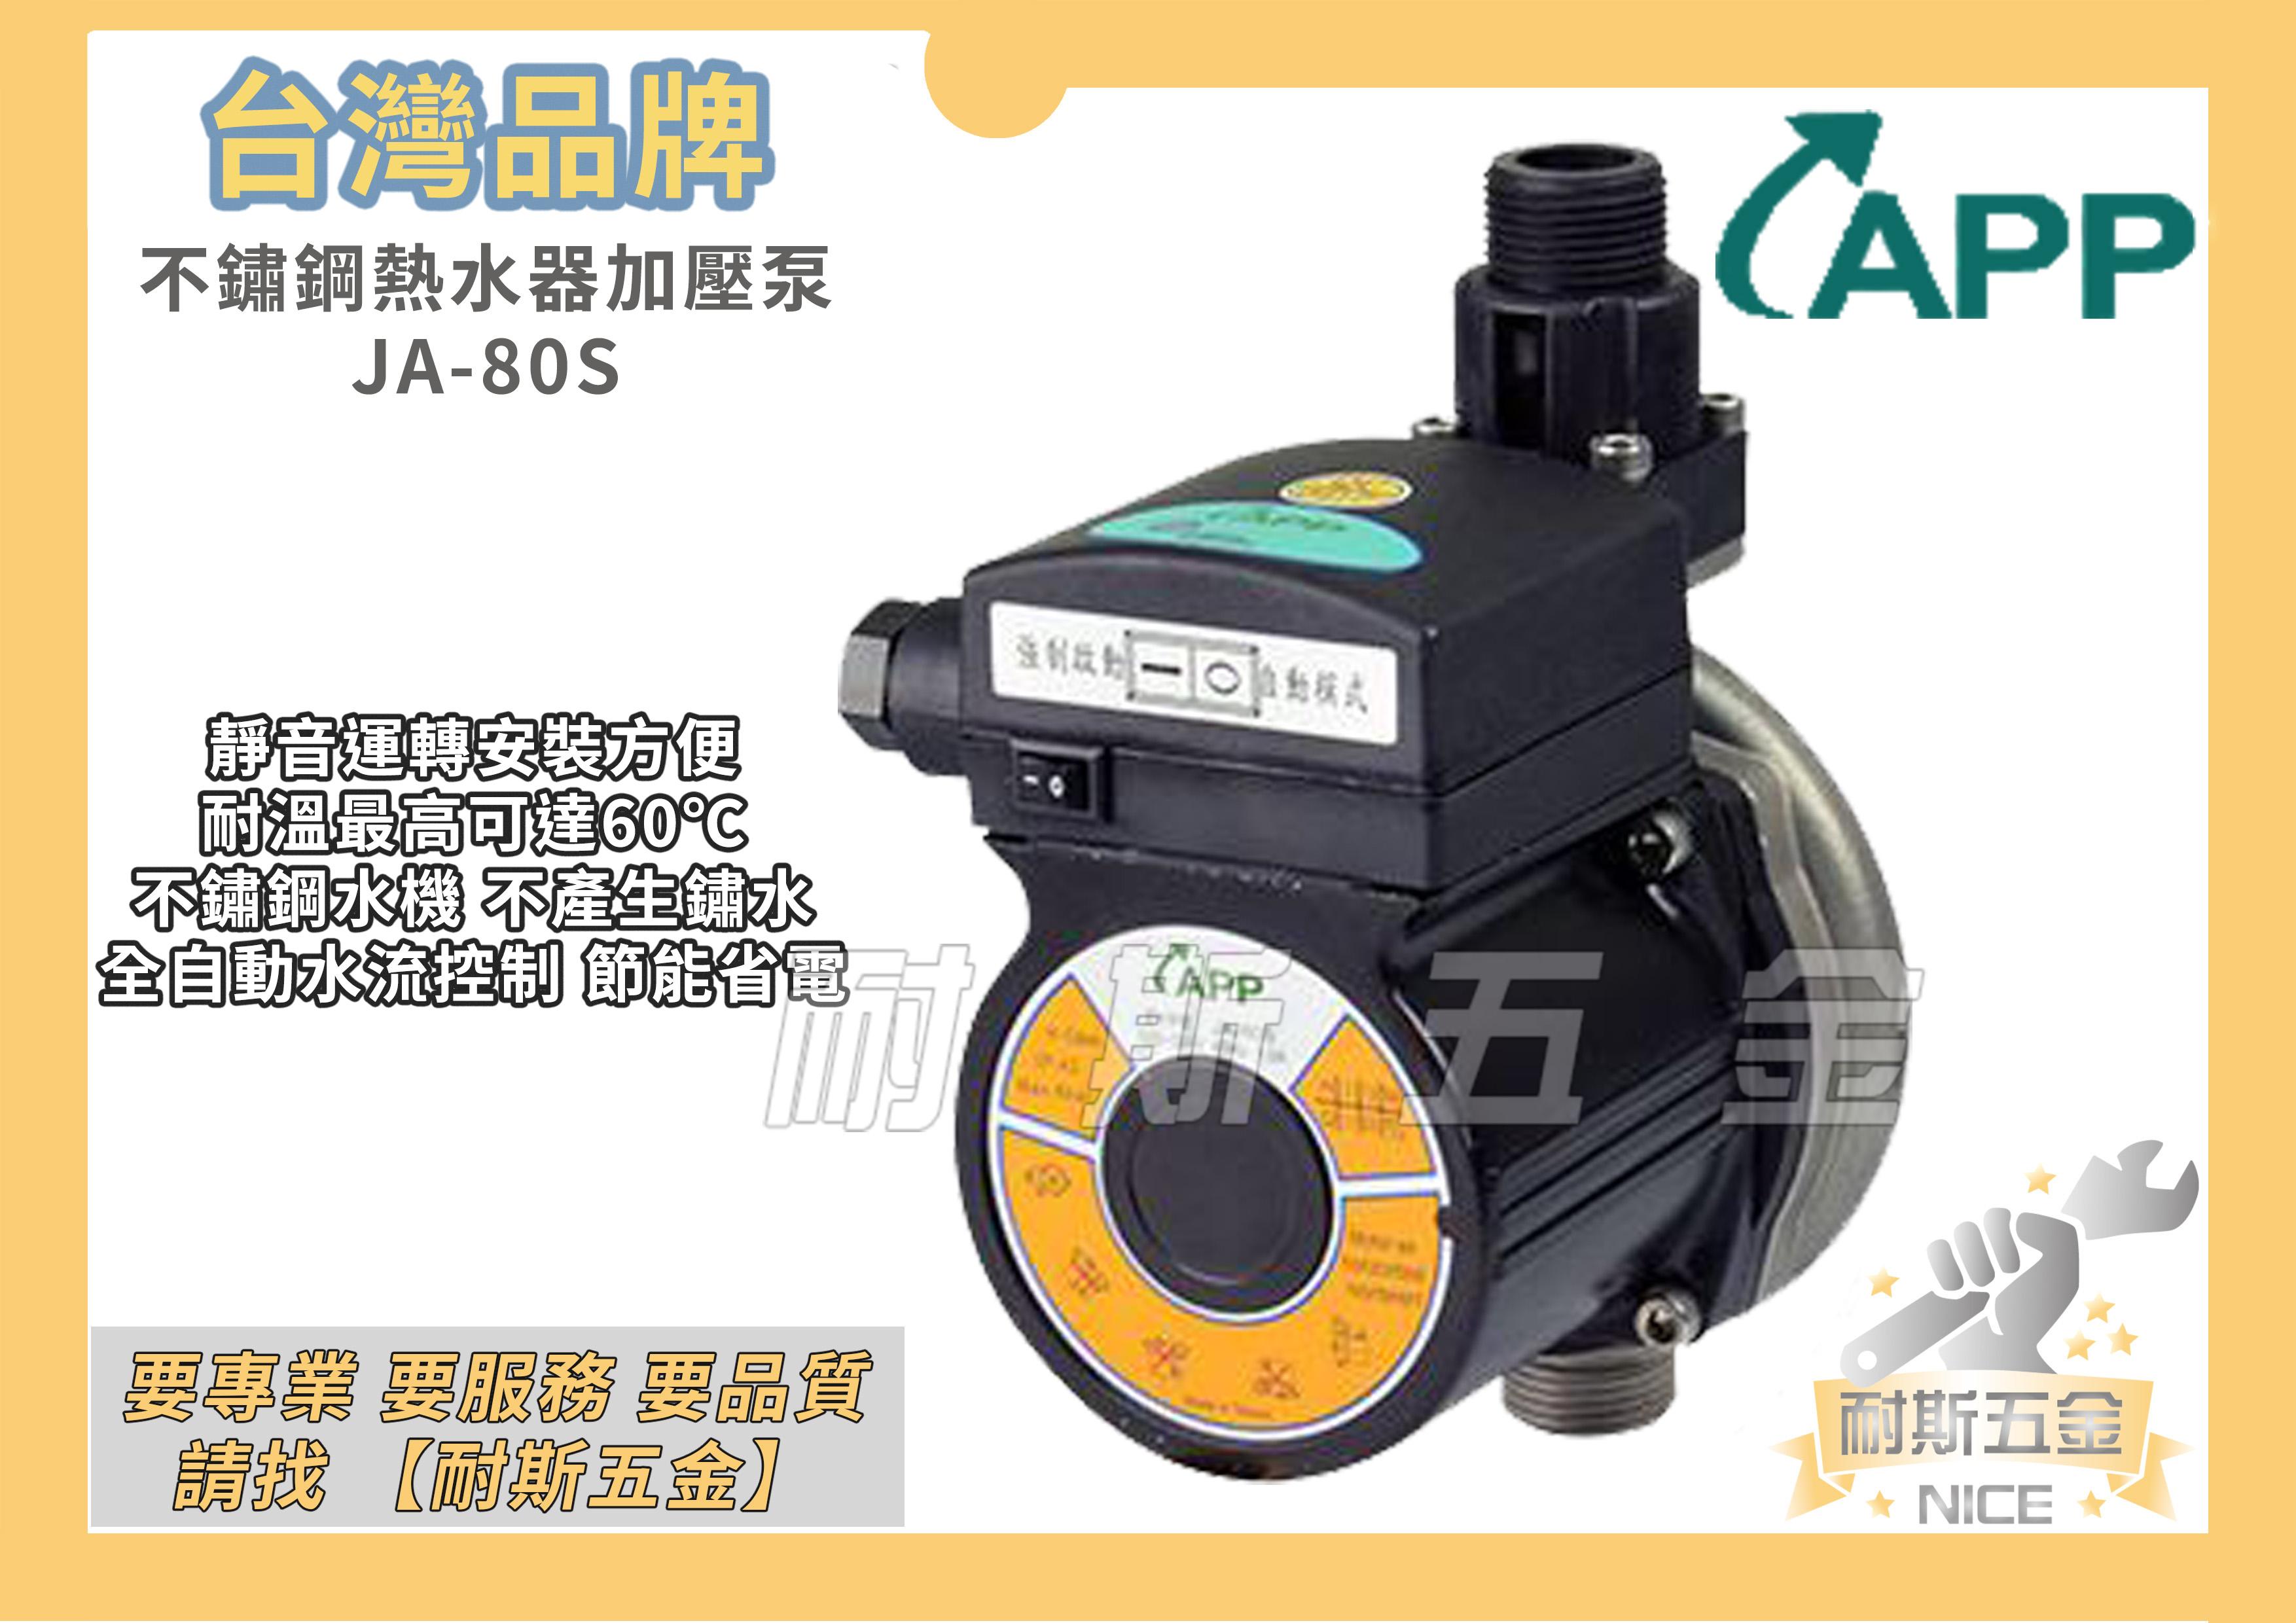 【耐斯五金】APP 紅龍牌 JA-80S 熱水器專用加壓馬達 熱水器加壓機 冷水加壓專用 台灣製造 JA80S